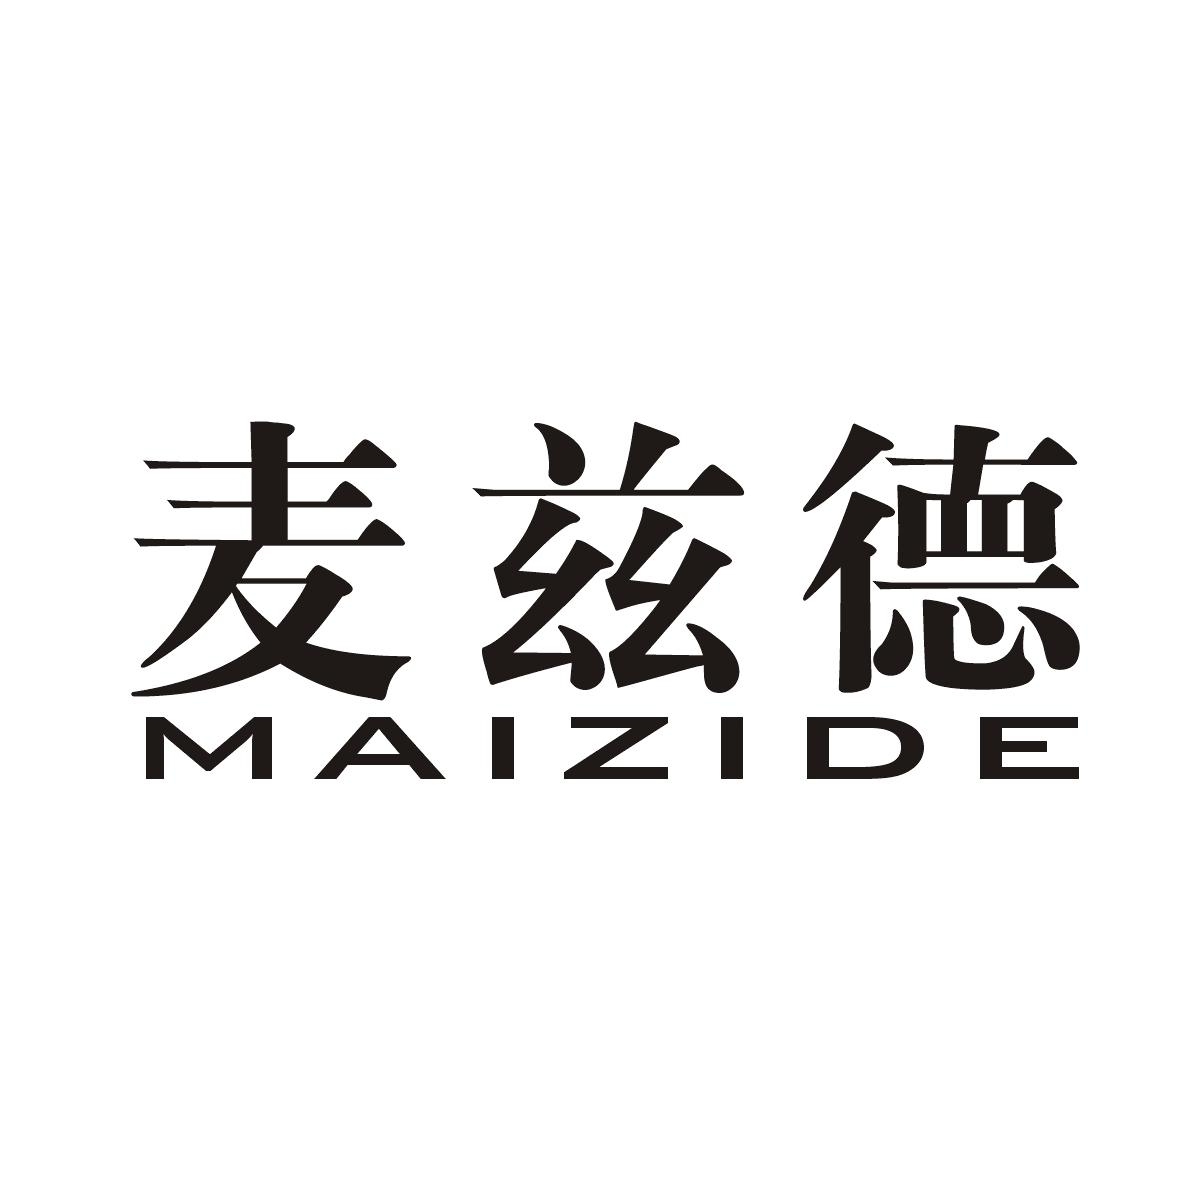 转让商标-麦兹德